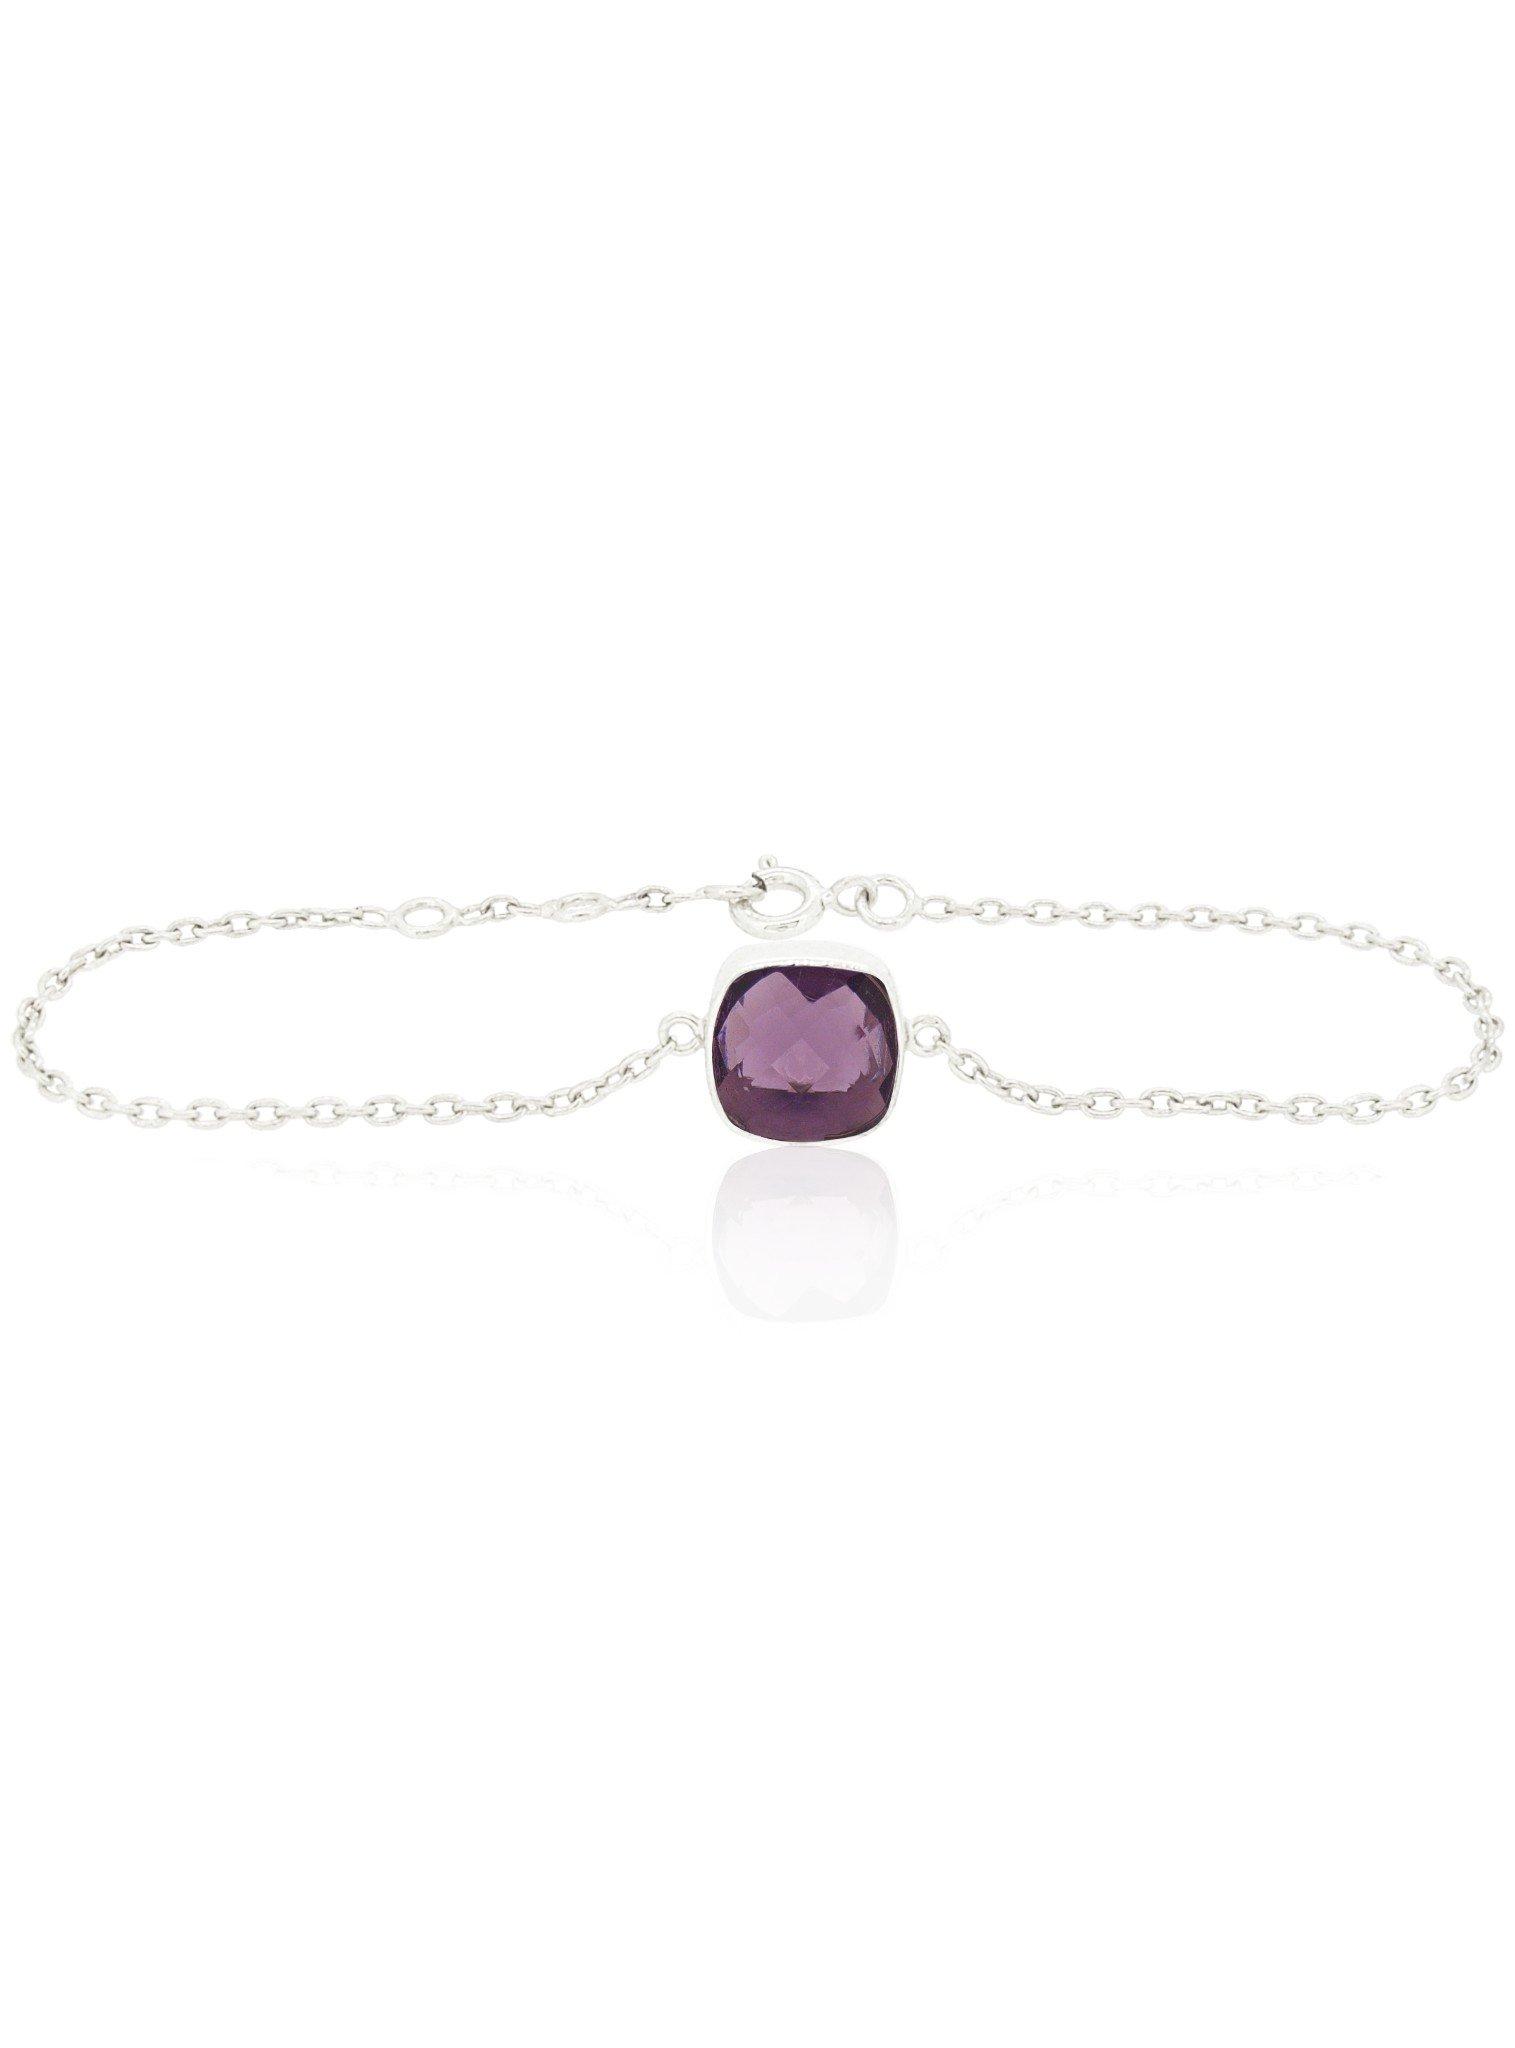 Indie Amethyst Gemstone Bracelet in Silver